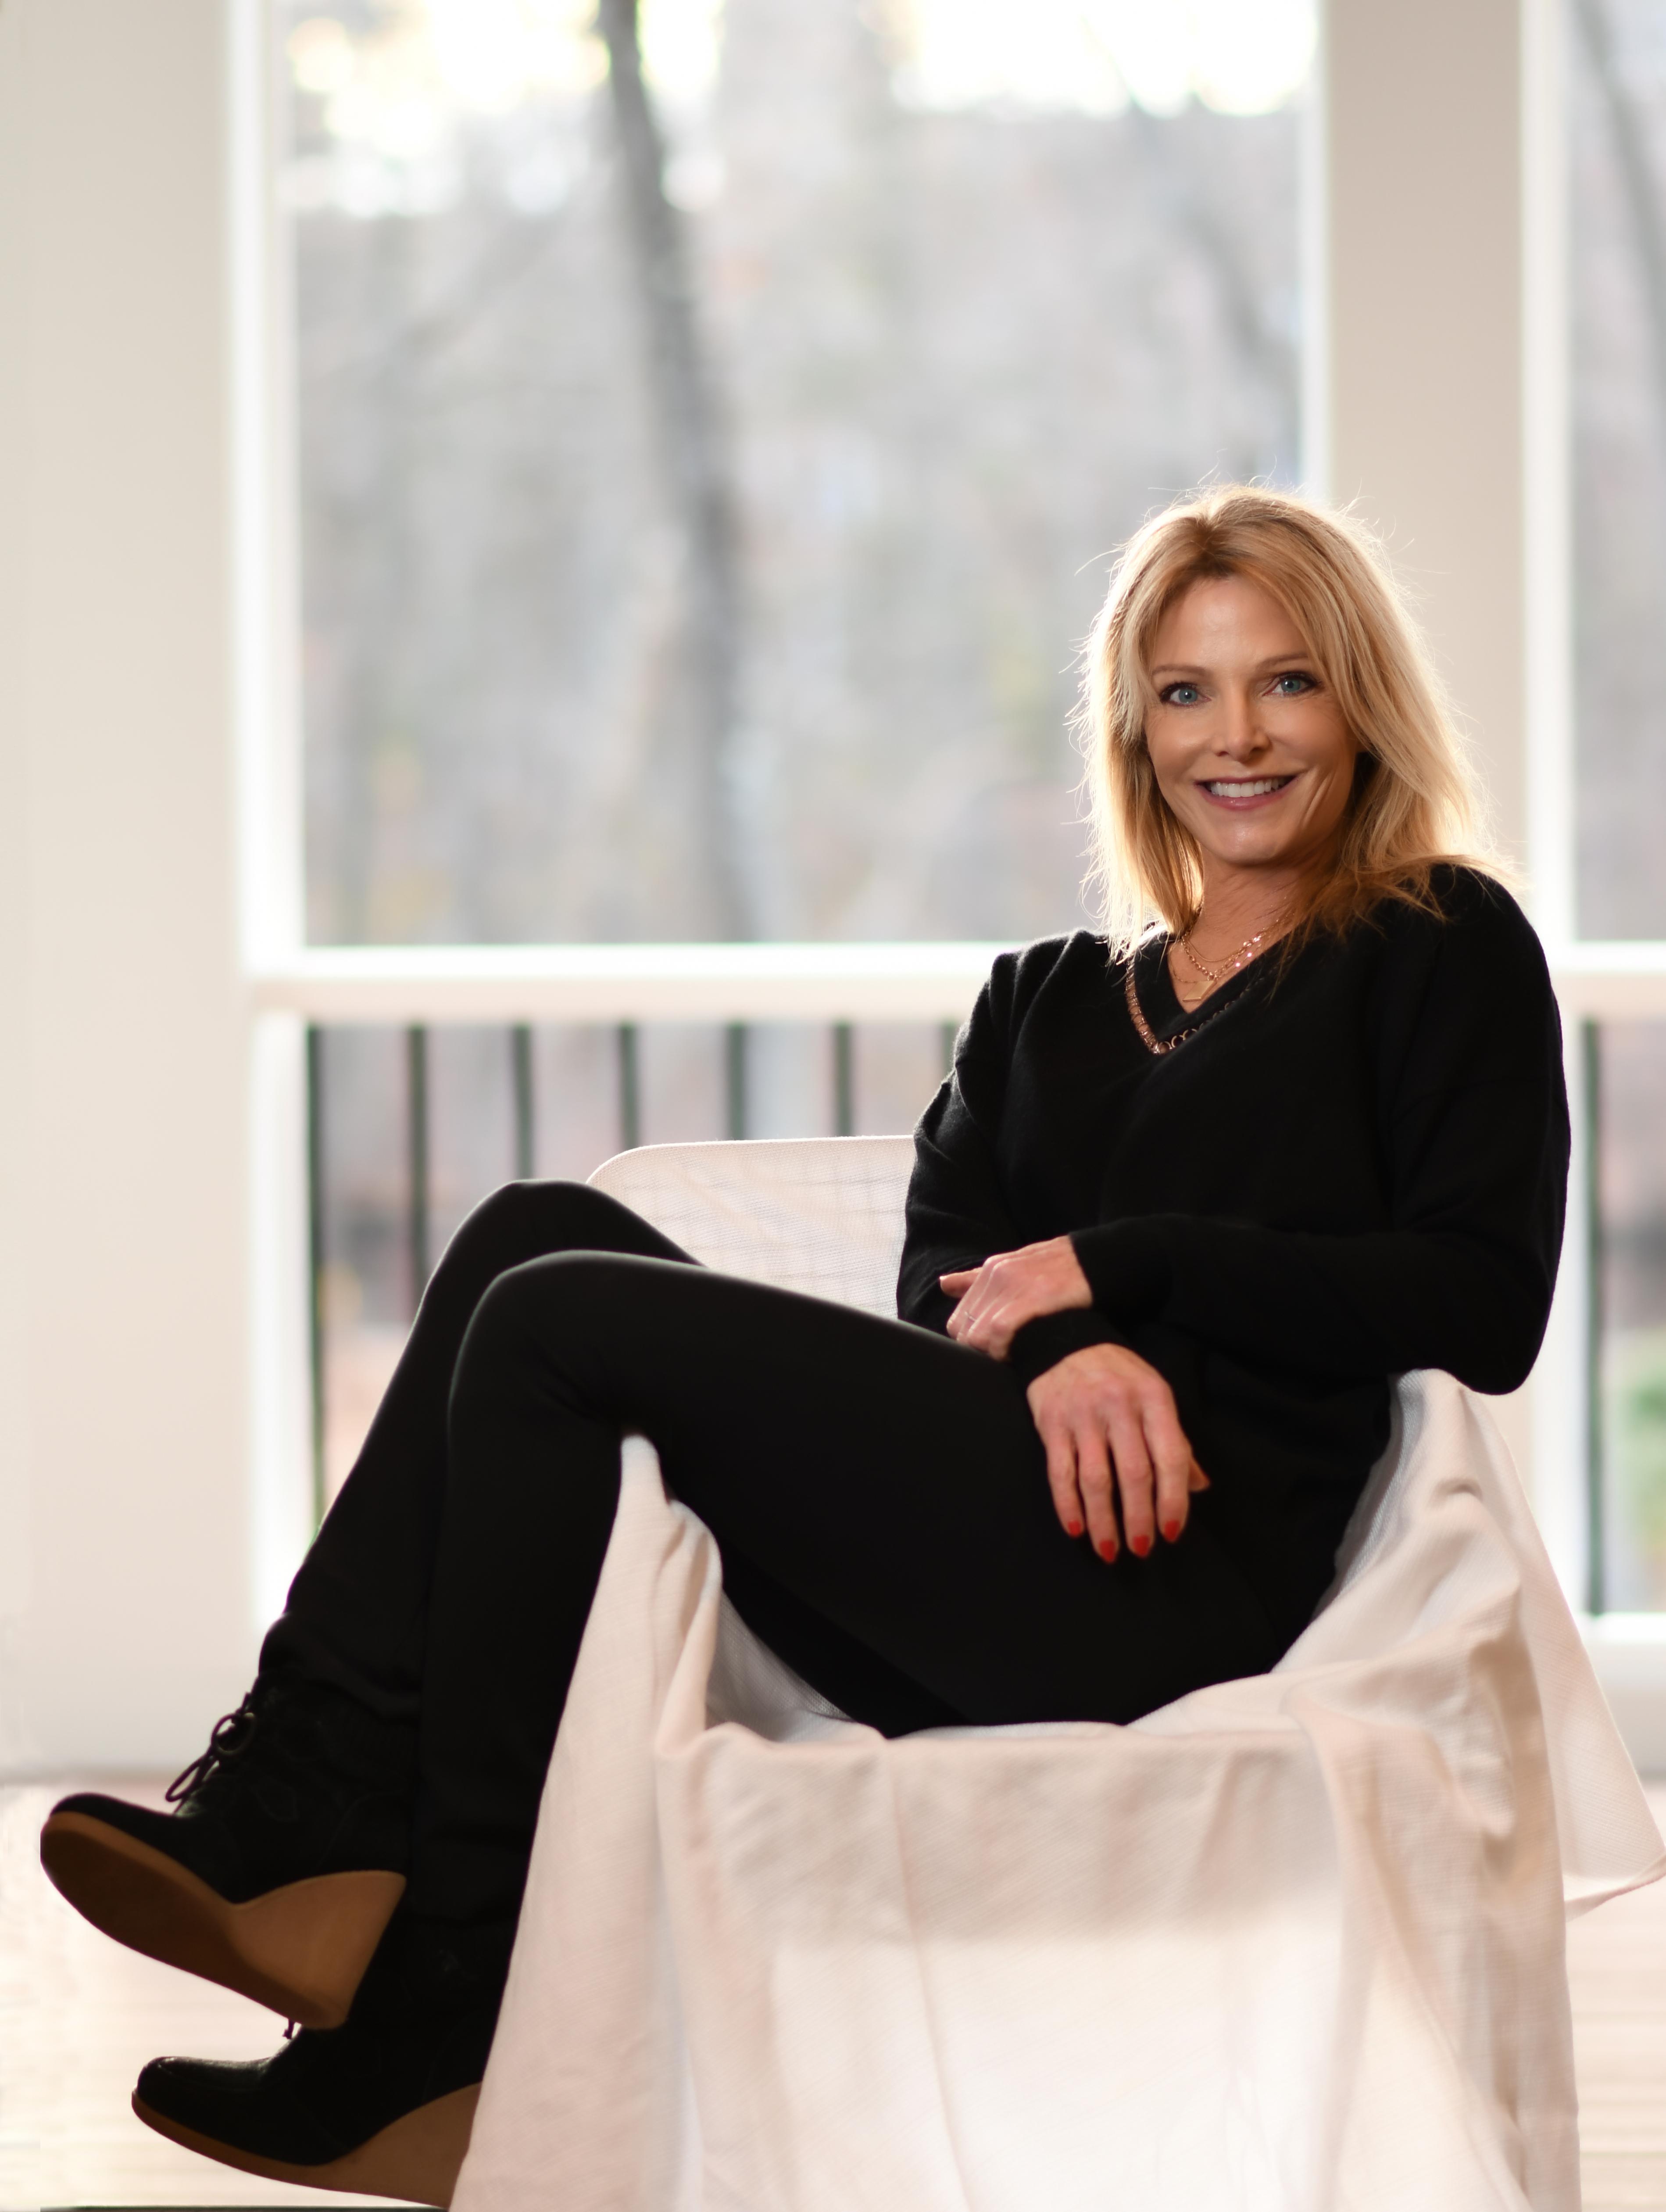 Maureen Kelly Fromm